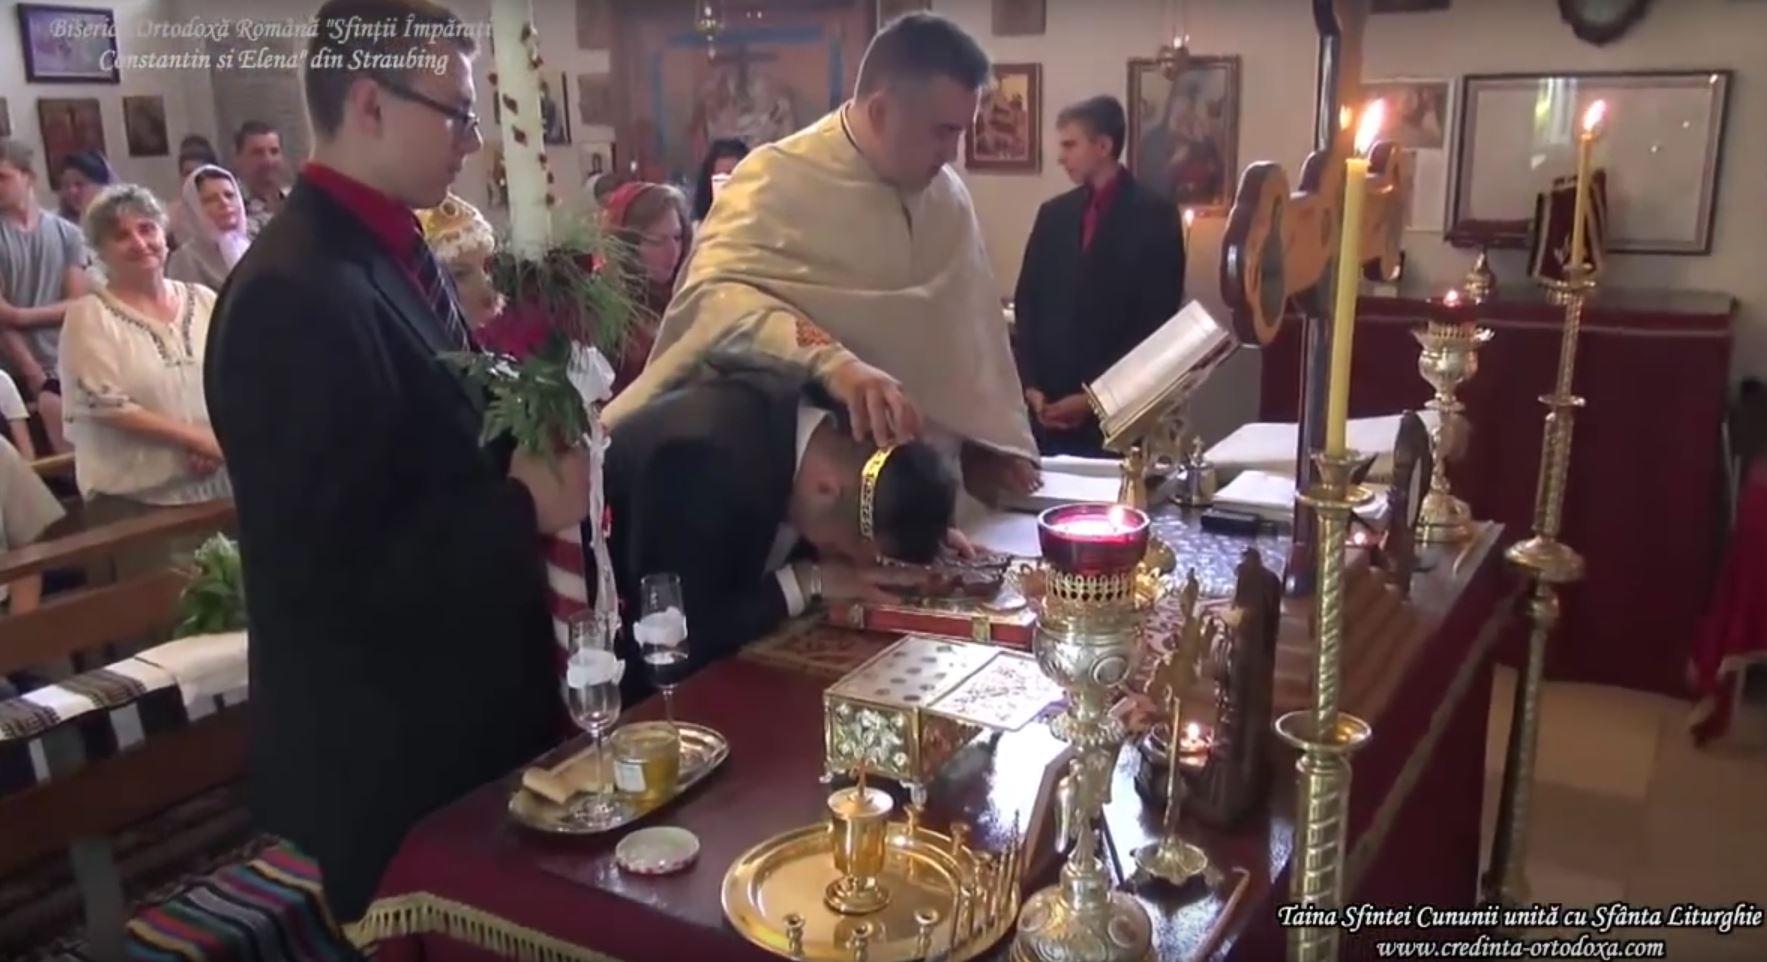 Taina Sfintei Cununii la Biserica Ortodoxa Română din Straubing!